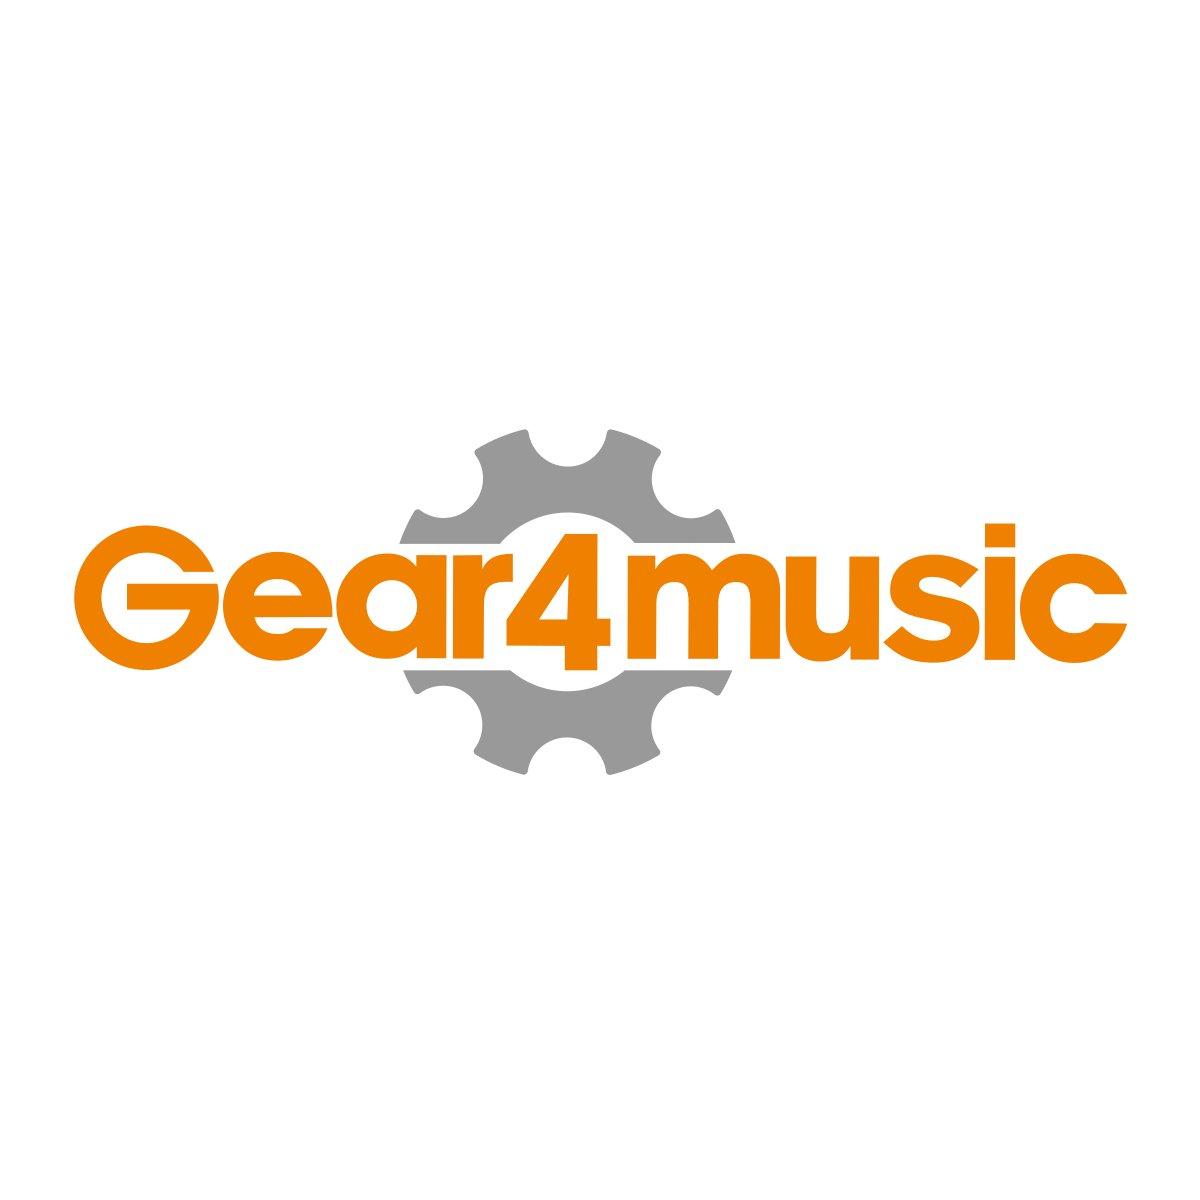 Elektryczny kontrabas marki Gear4music, rozmiar 3/4, kolor czarny